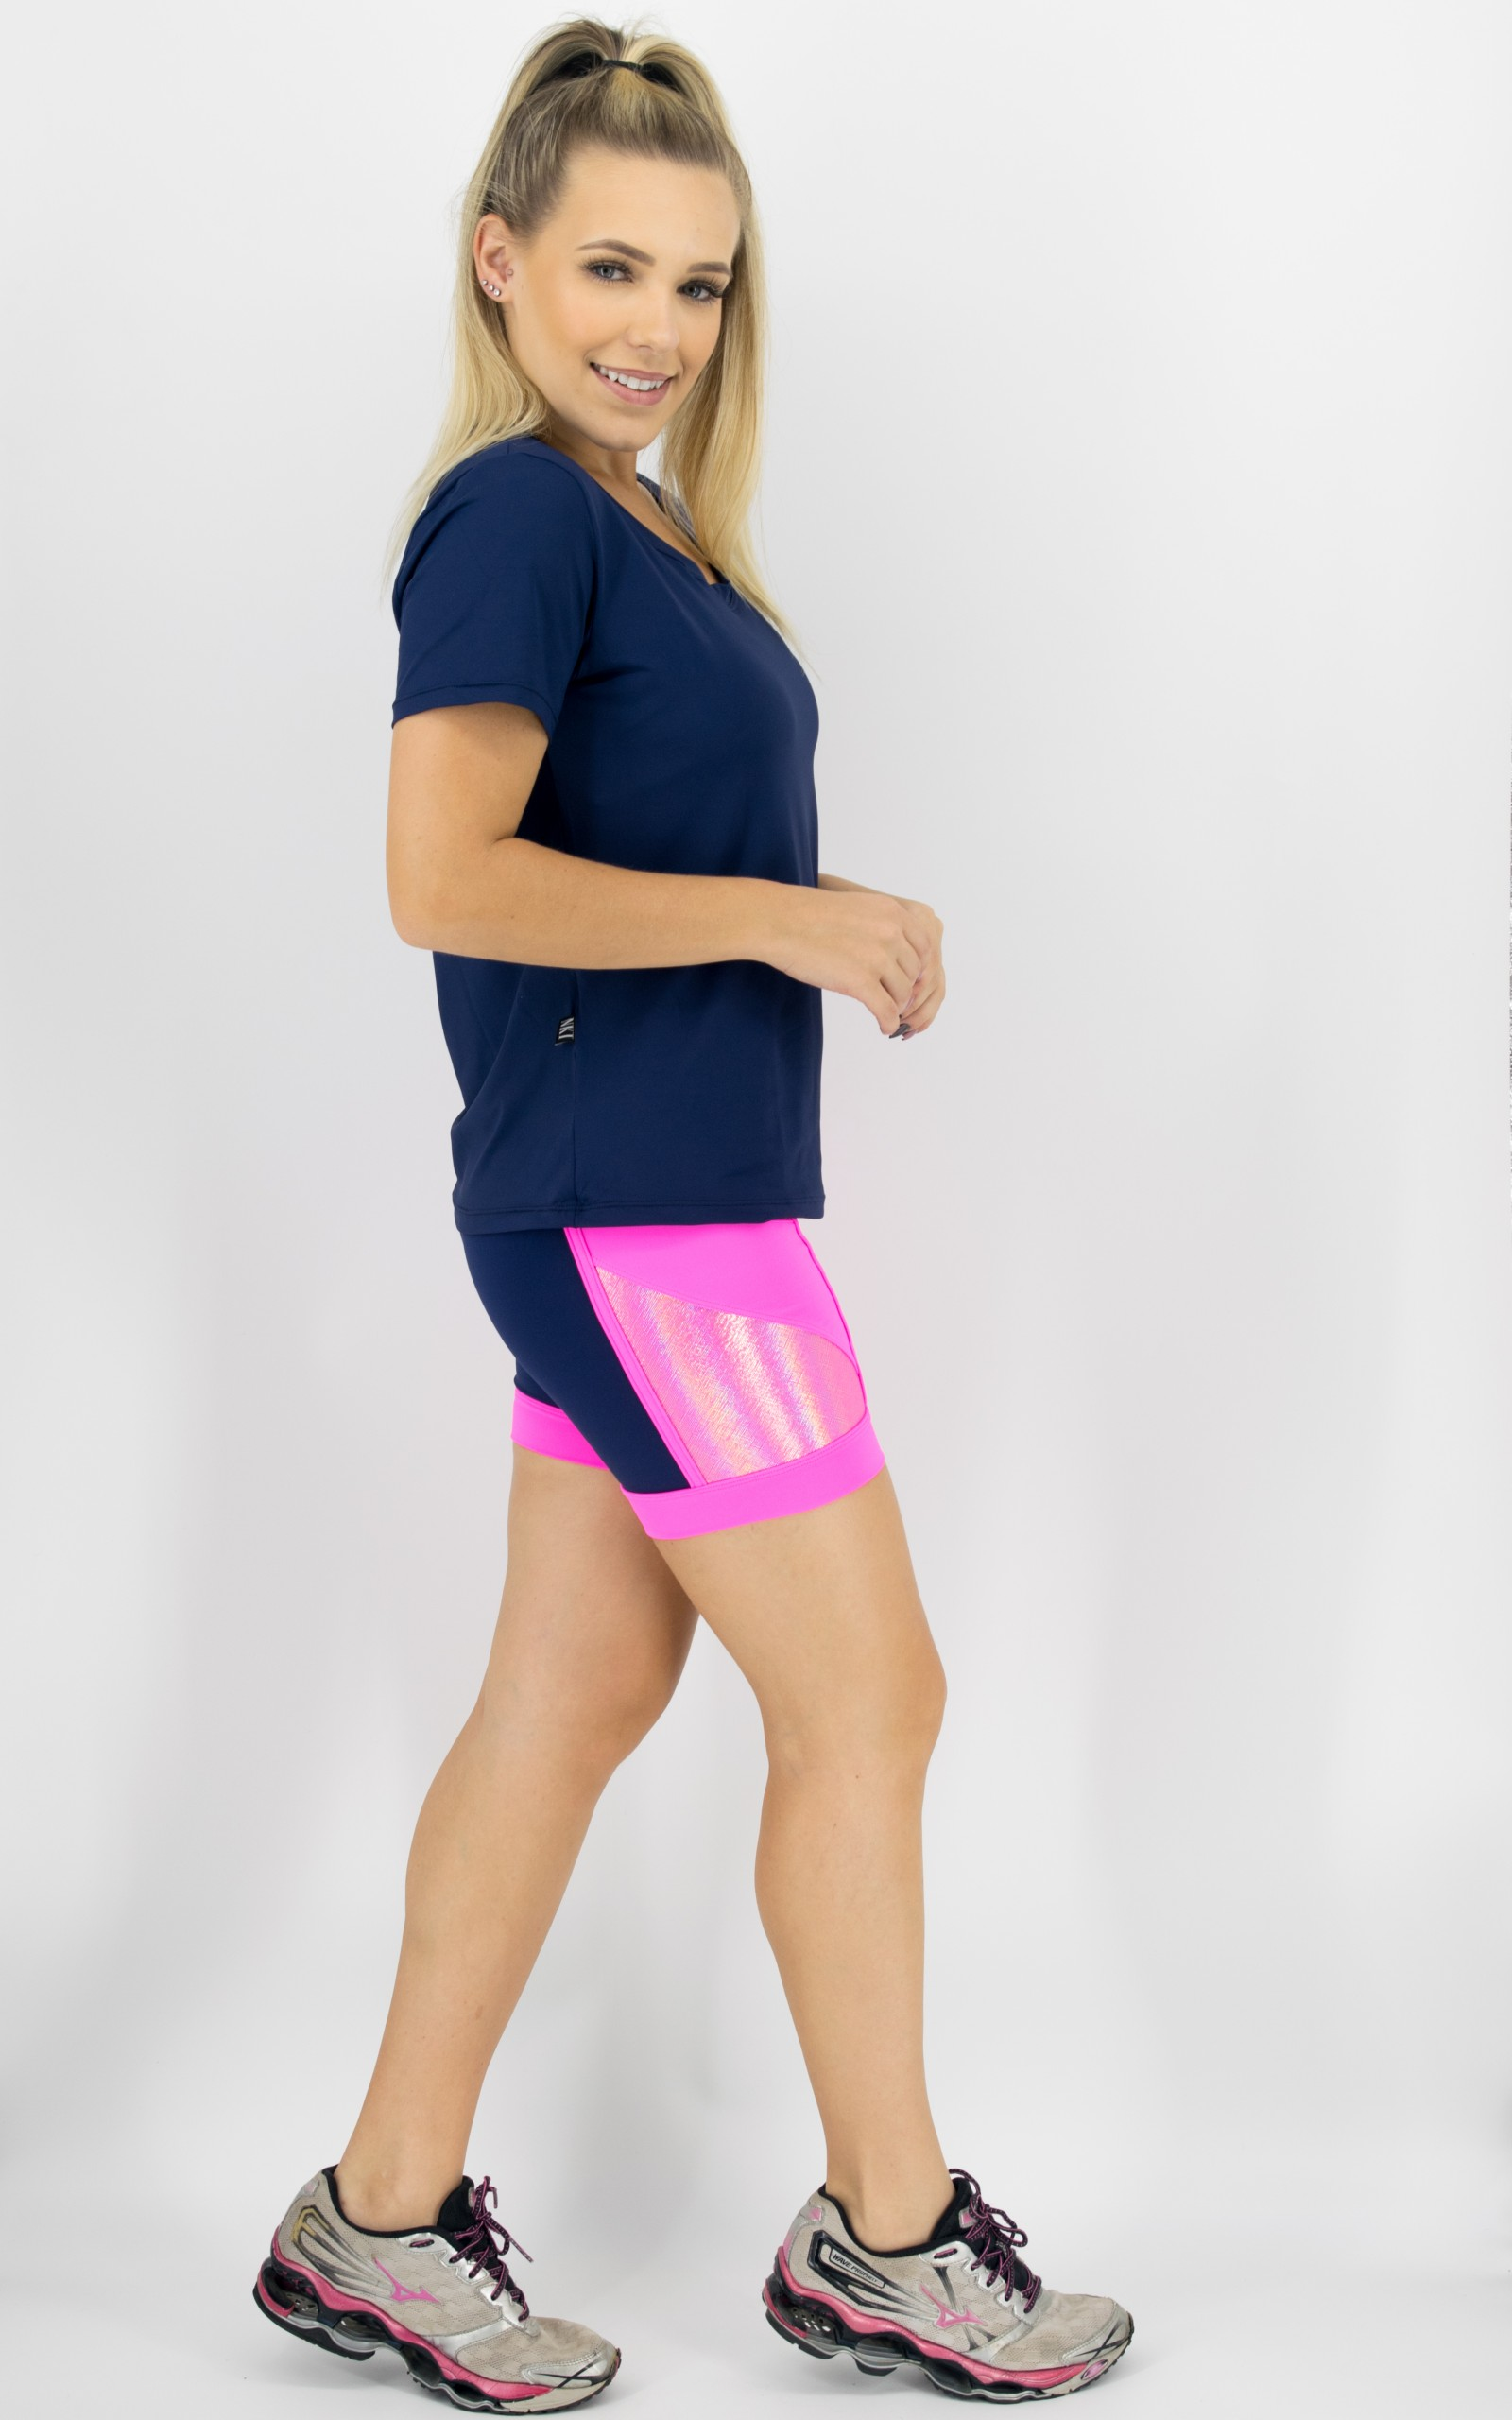 Baby Look Spice Dry Marinho, Coleção Move Your Body - NKT Fitwear Moda Fitness